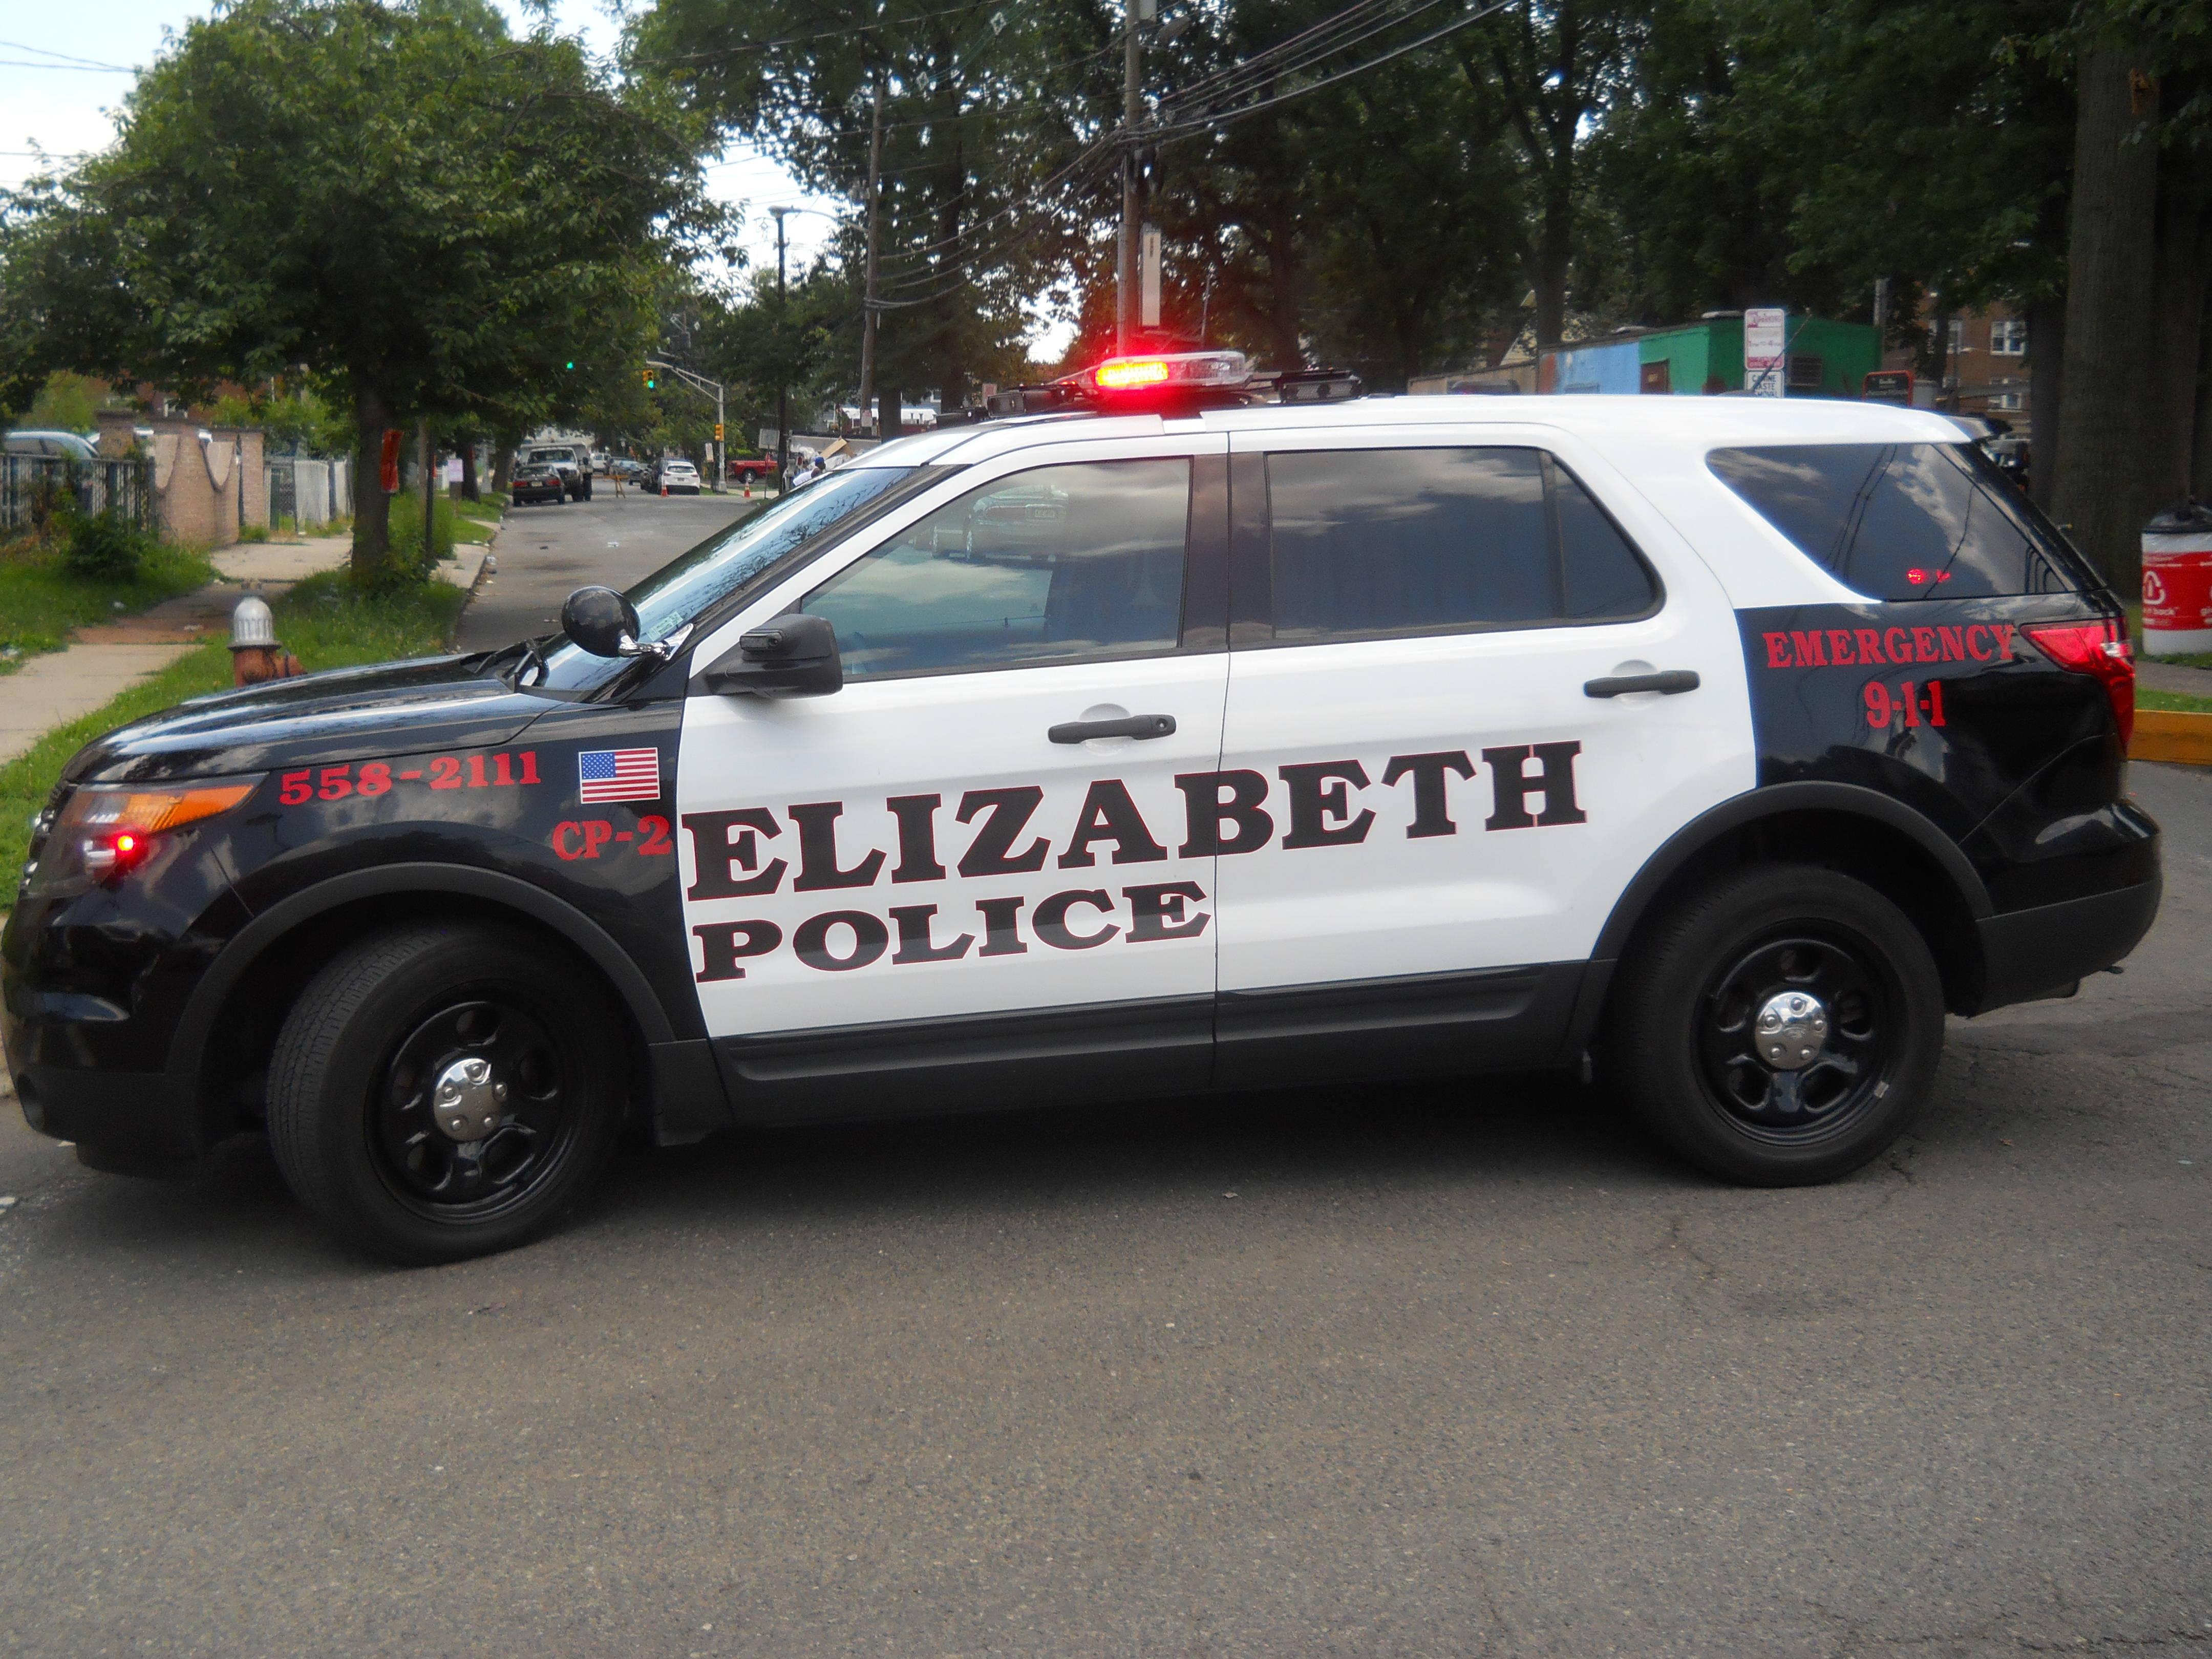 76dc97728d1120a3ff1f_Police_Car.jpg